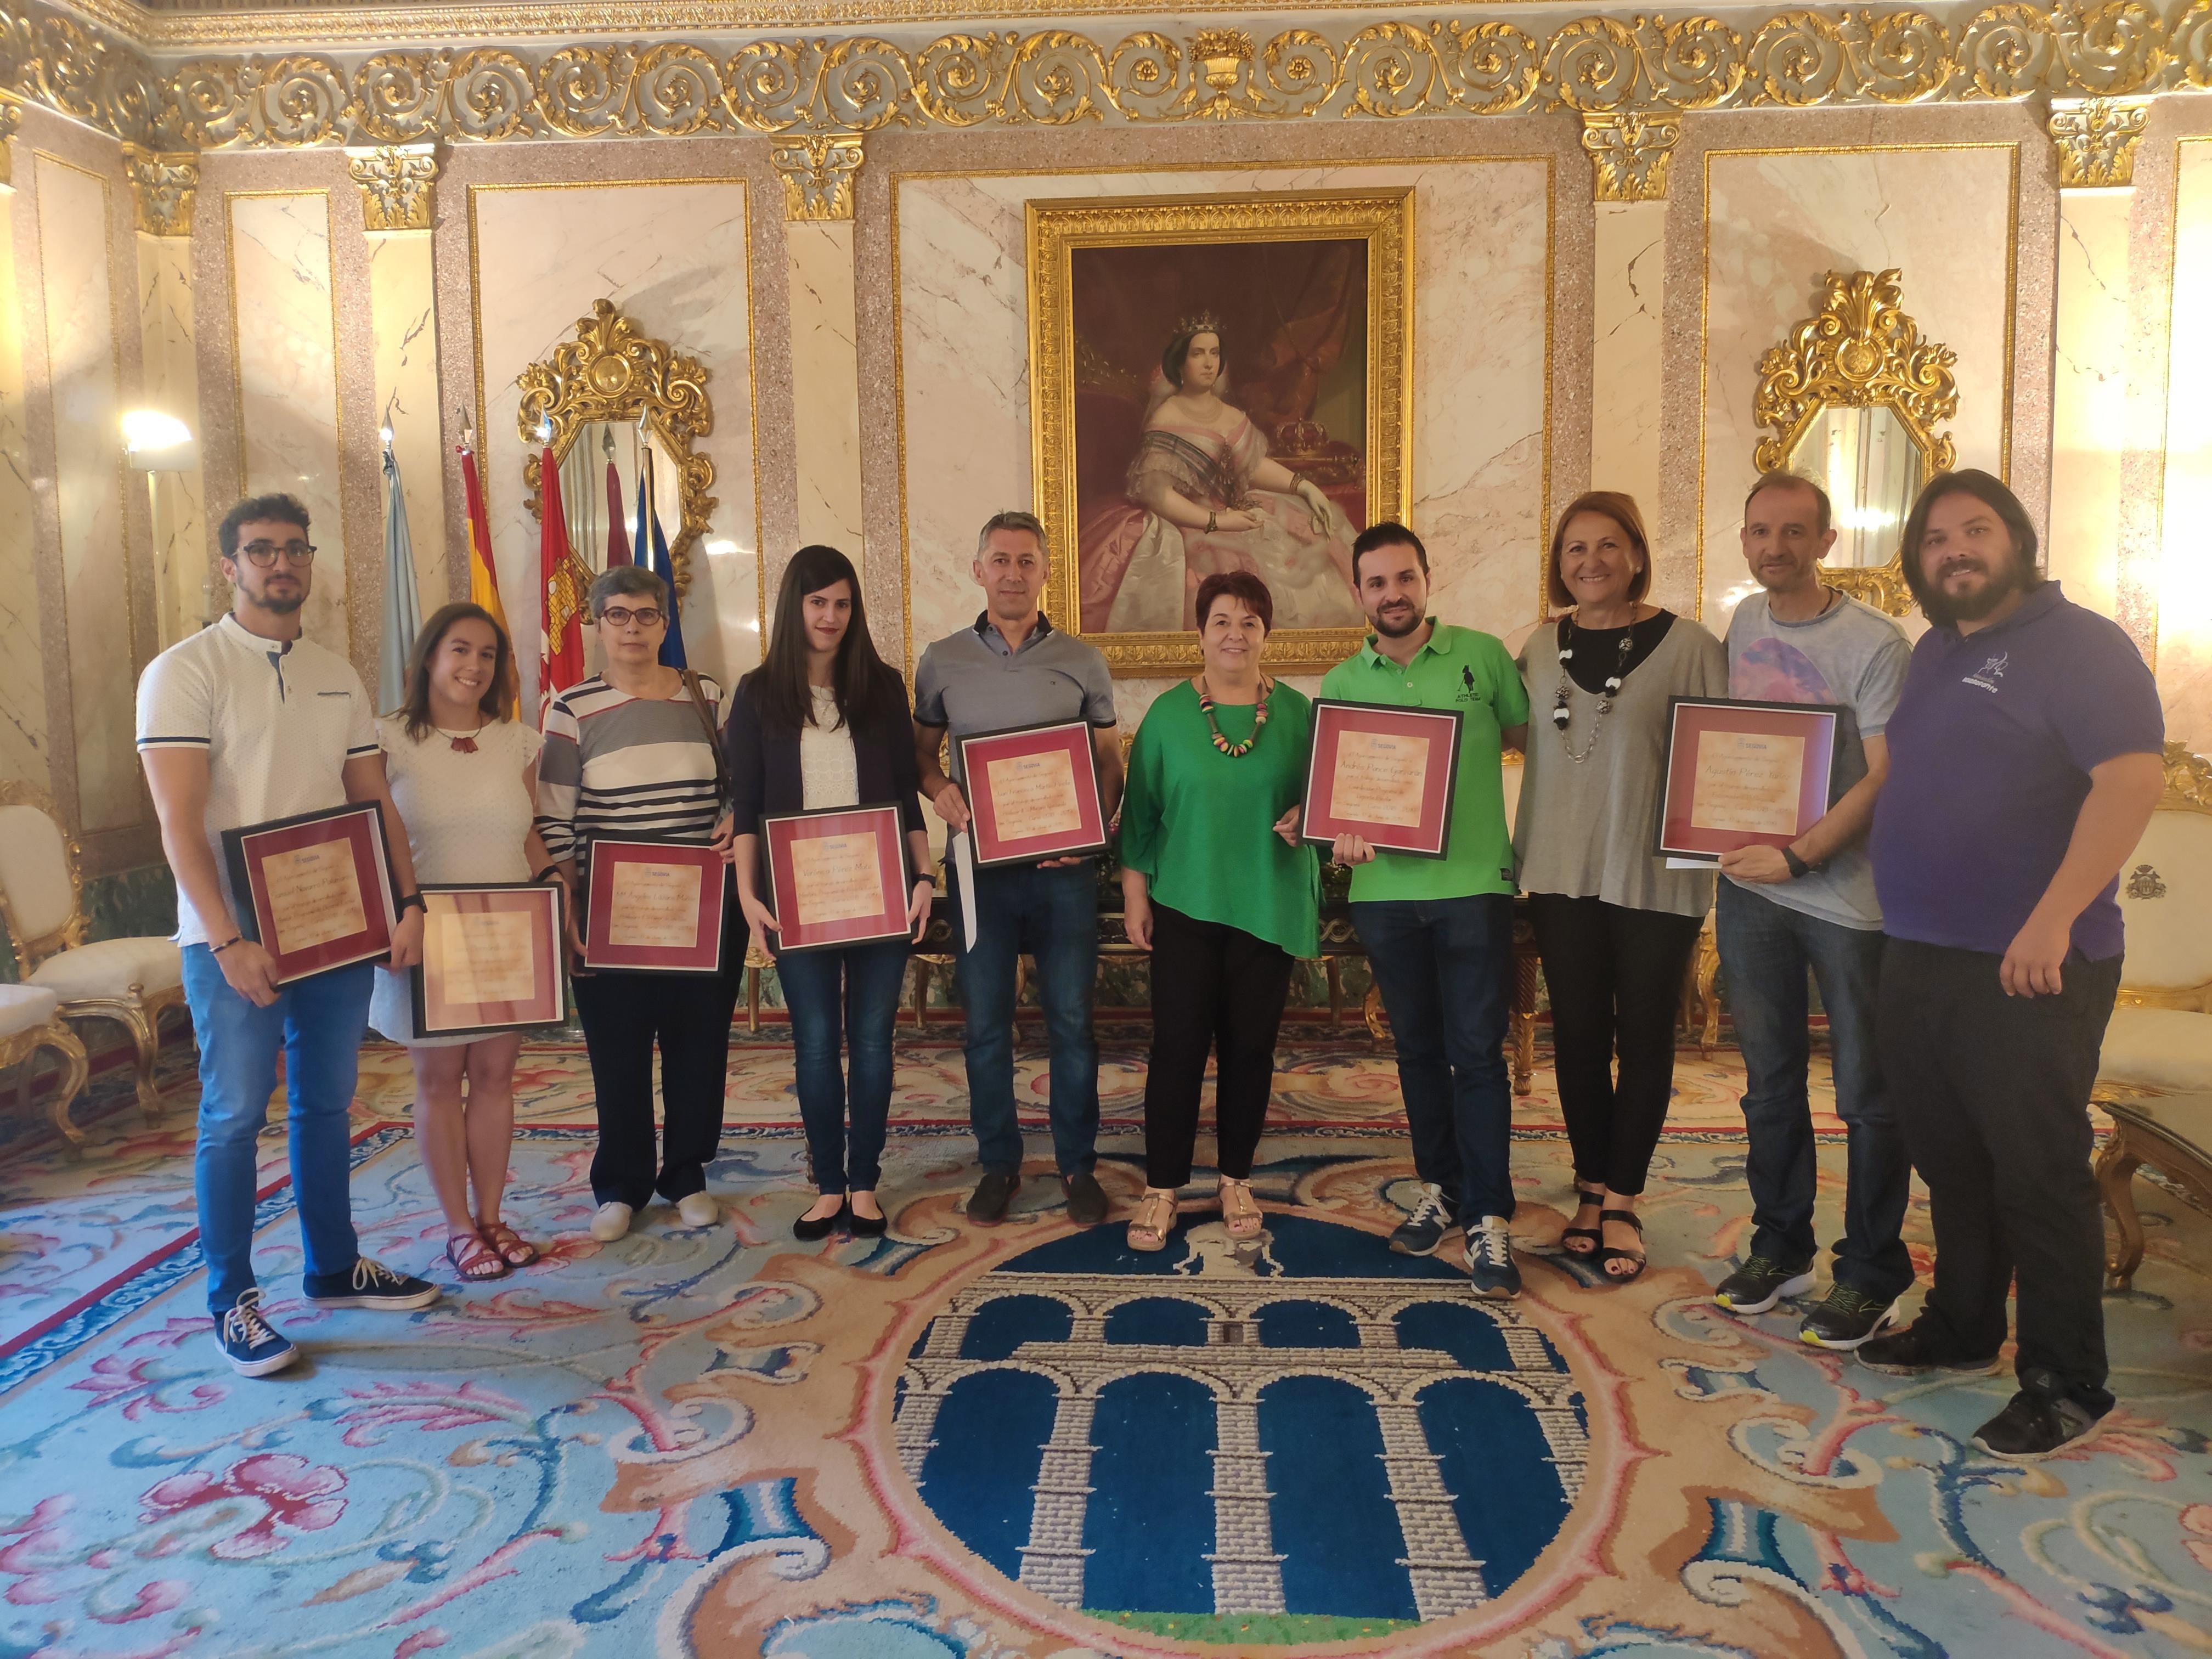 El Ayuntamiento de Segovia reconoce el trabajo realizado por profesores, monitores y entrenador implicados en el programa integral de Deporte Escolar